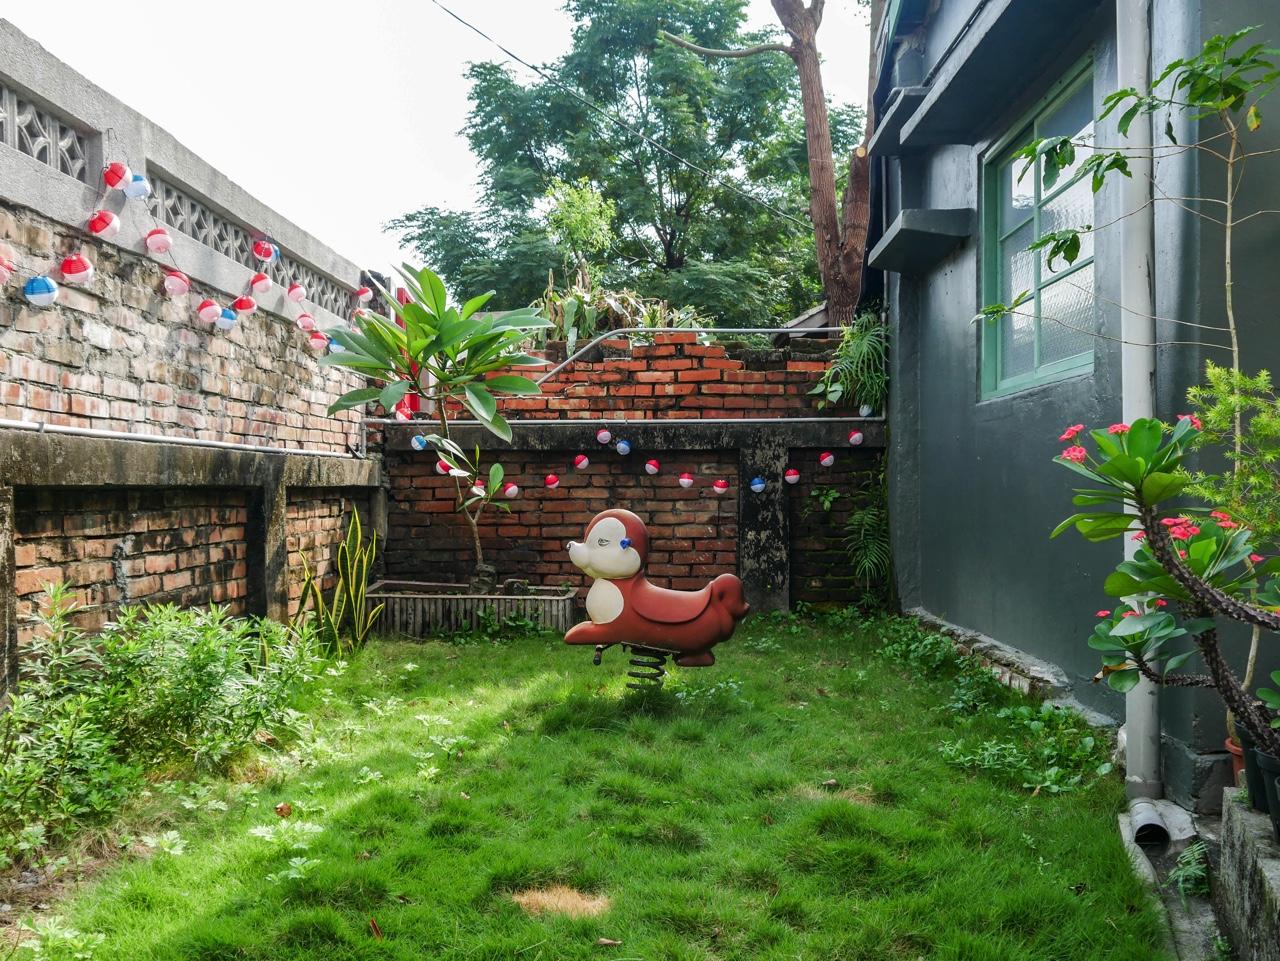 眷待期休憩所の庭に置かれたロッキング遊具